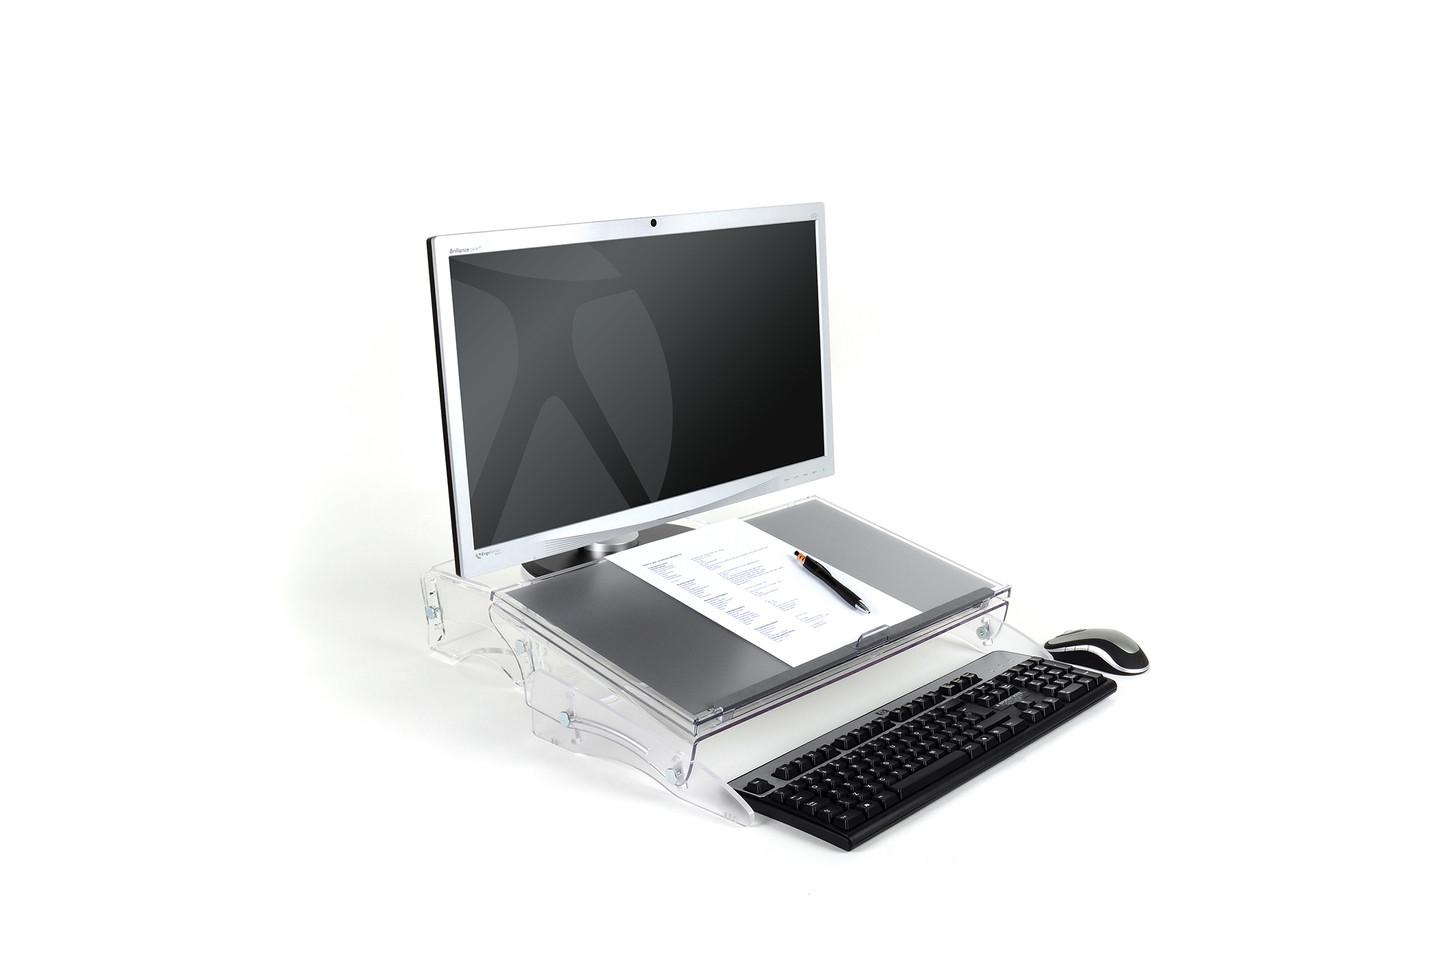 flexdesk-640-document-holder-1395148666.